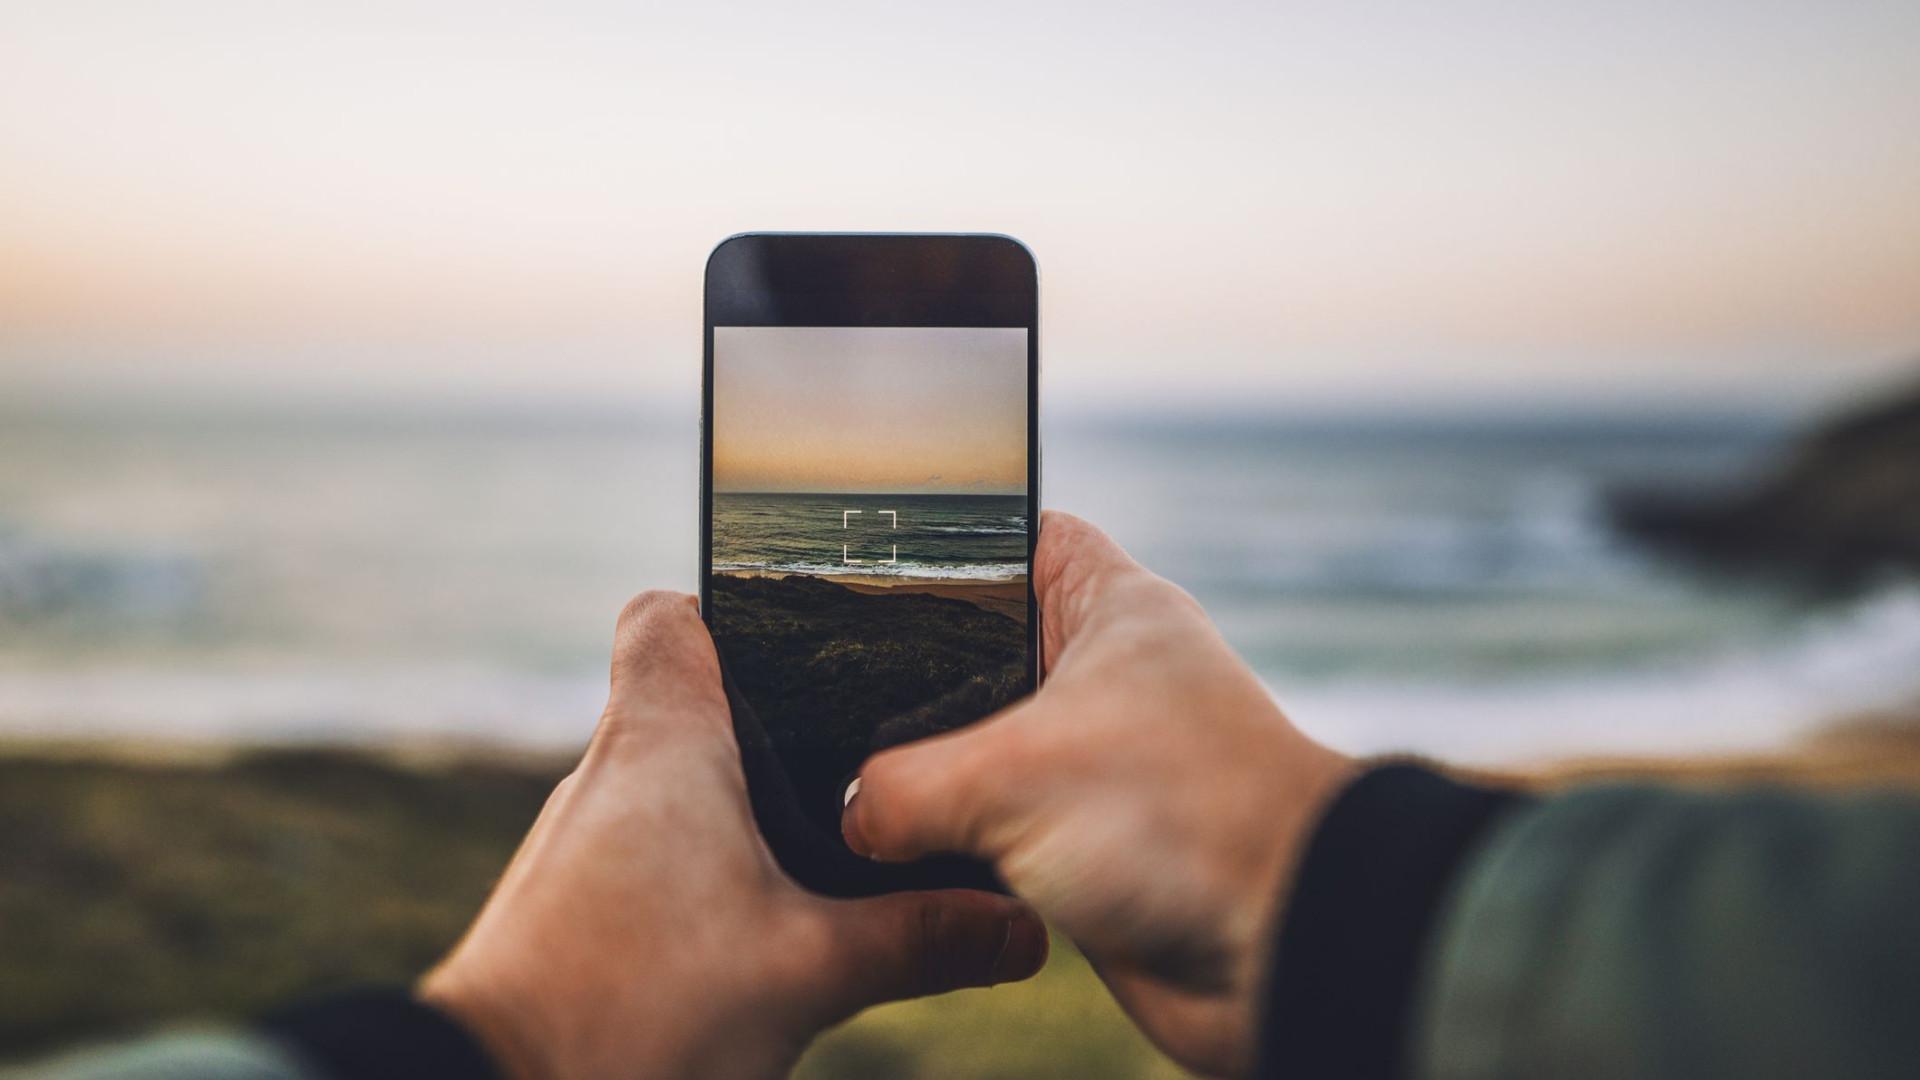 Como tirar melhores fotografias? Eis algumas dicas